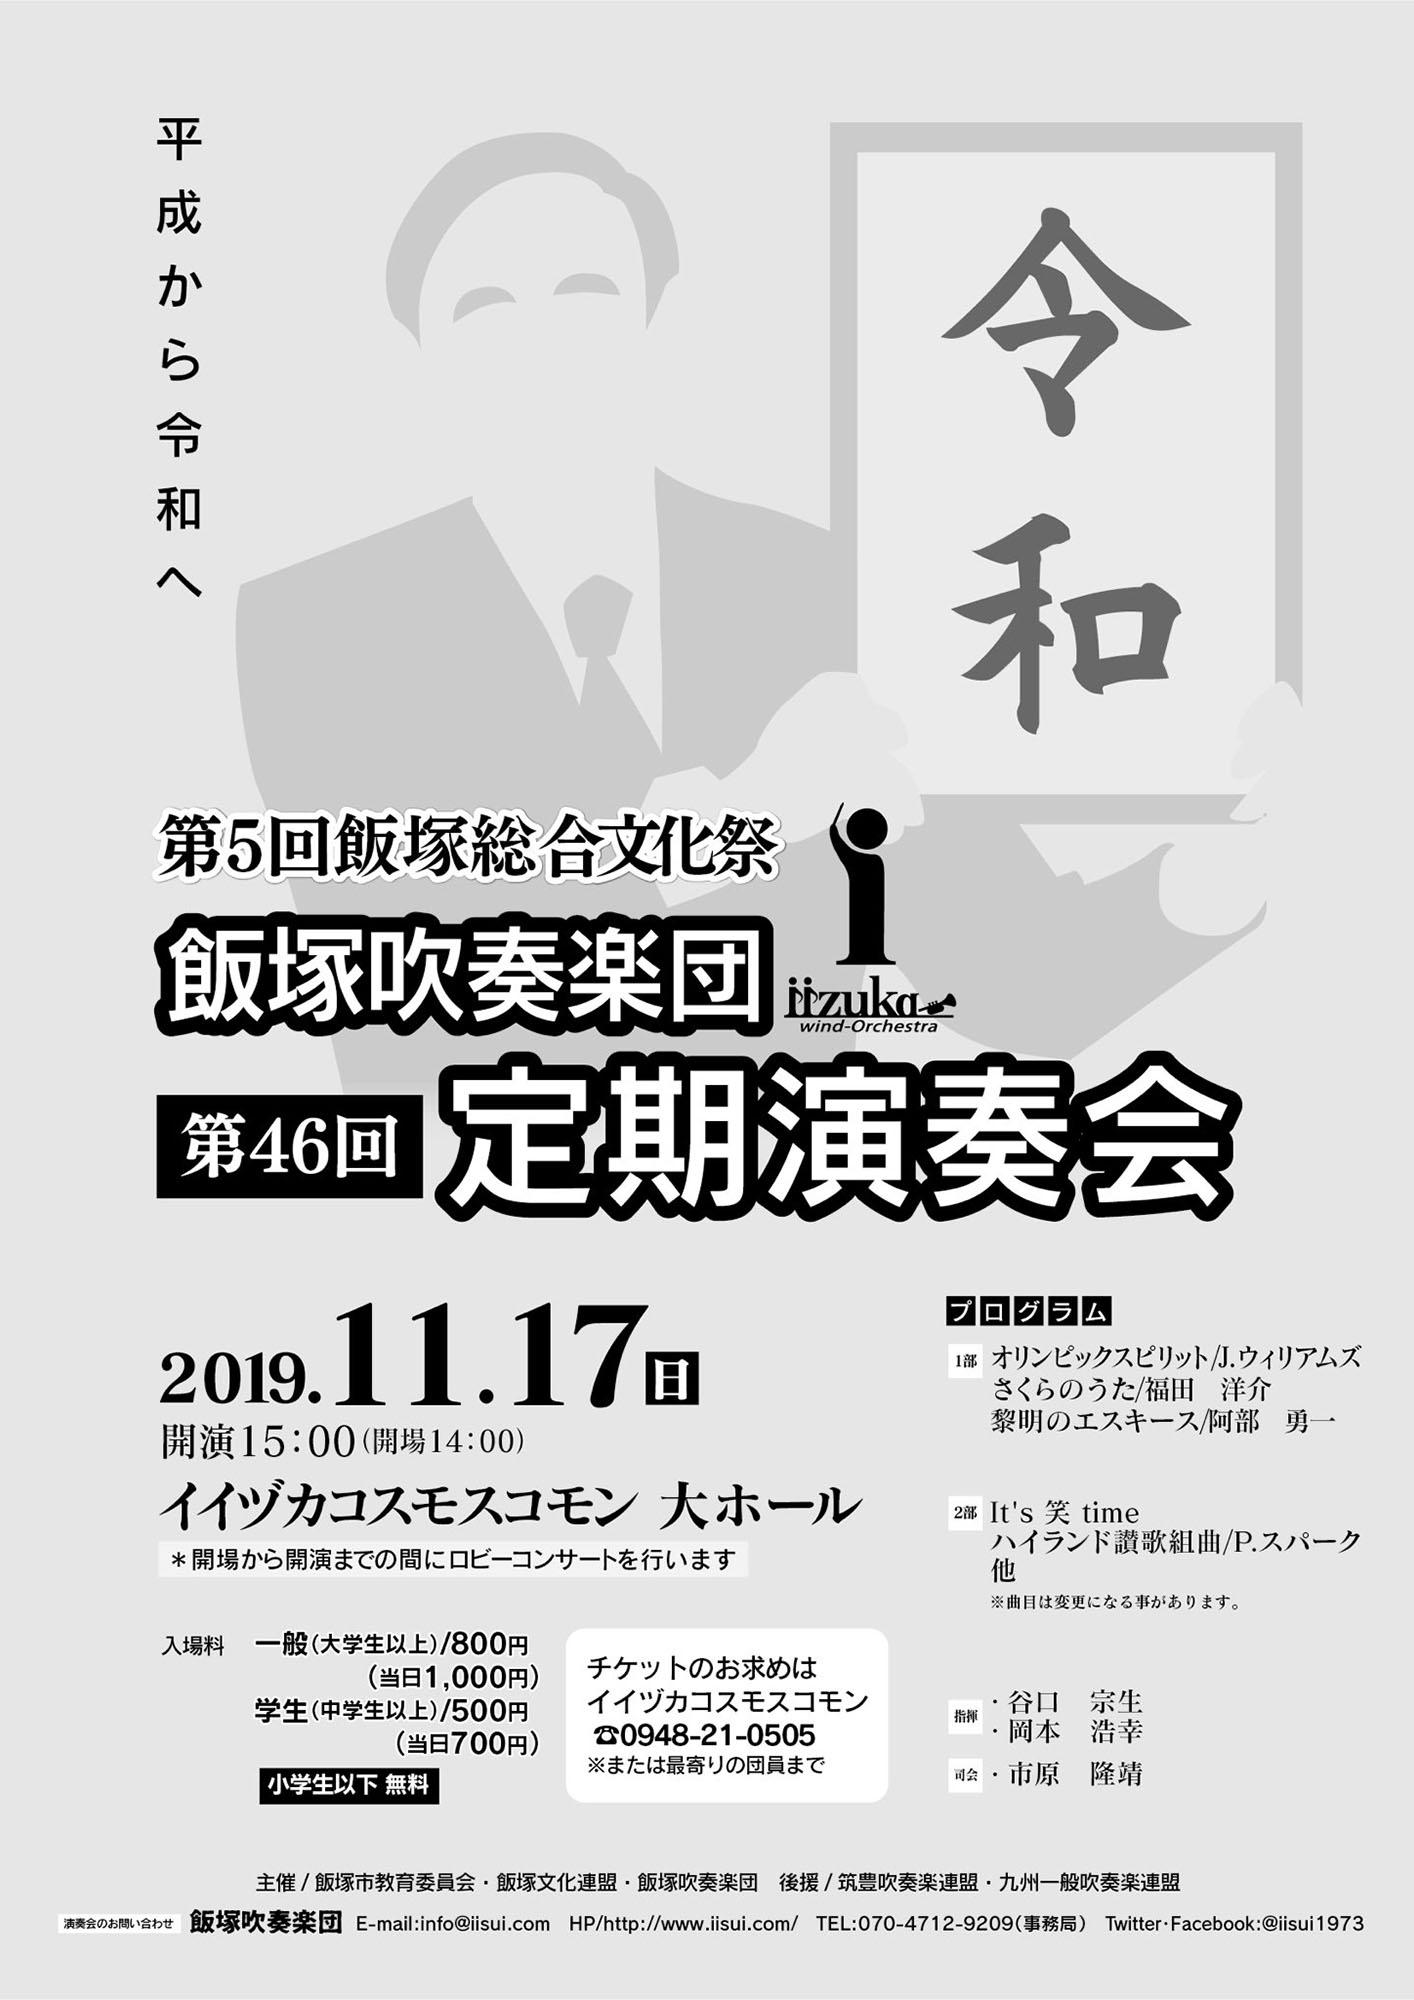 第46回 飯塚吹奏楽団 定期演奏会(2019)